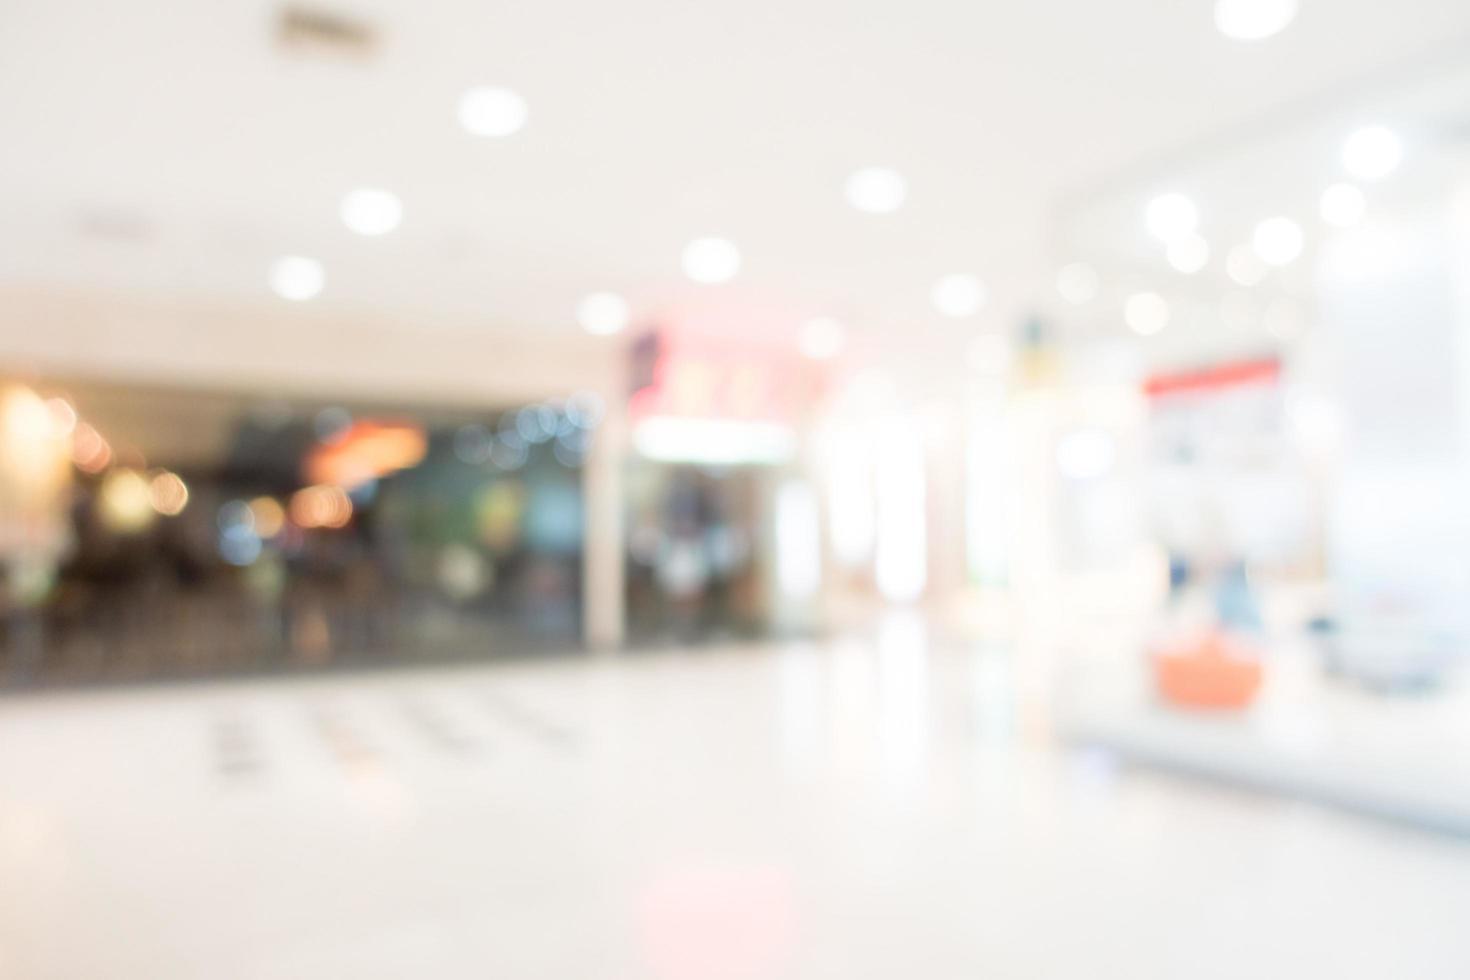 abstrakt suddighet köpcentrum bakgrund foto